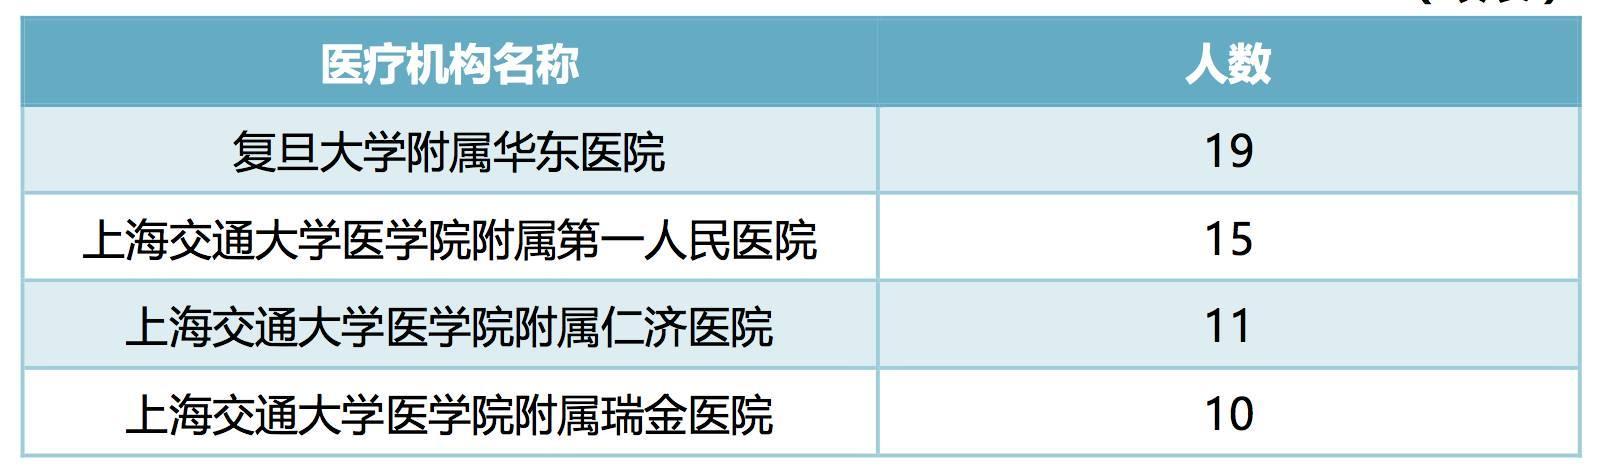 必发集团娱乐网站 227